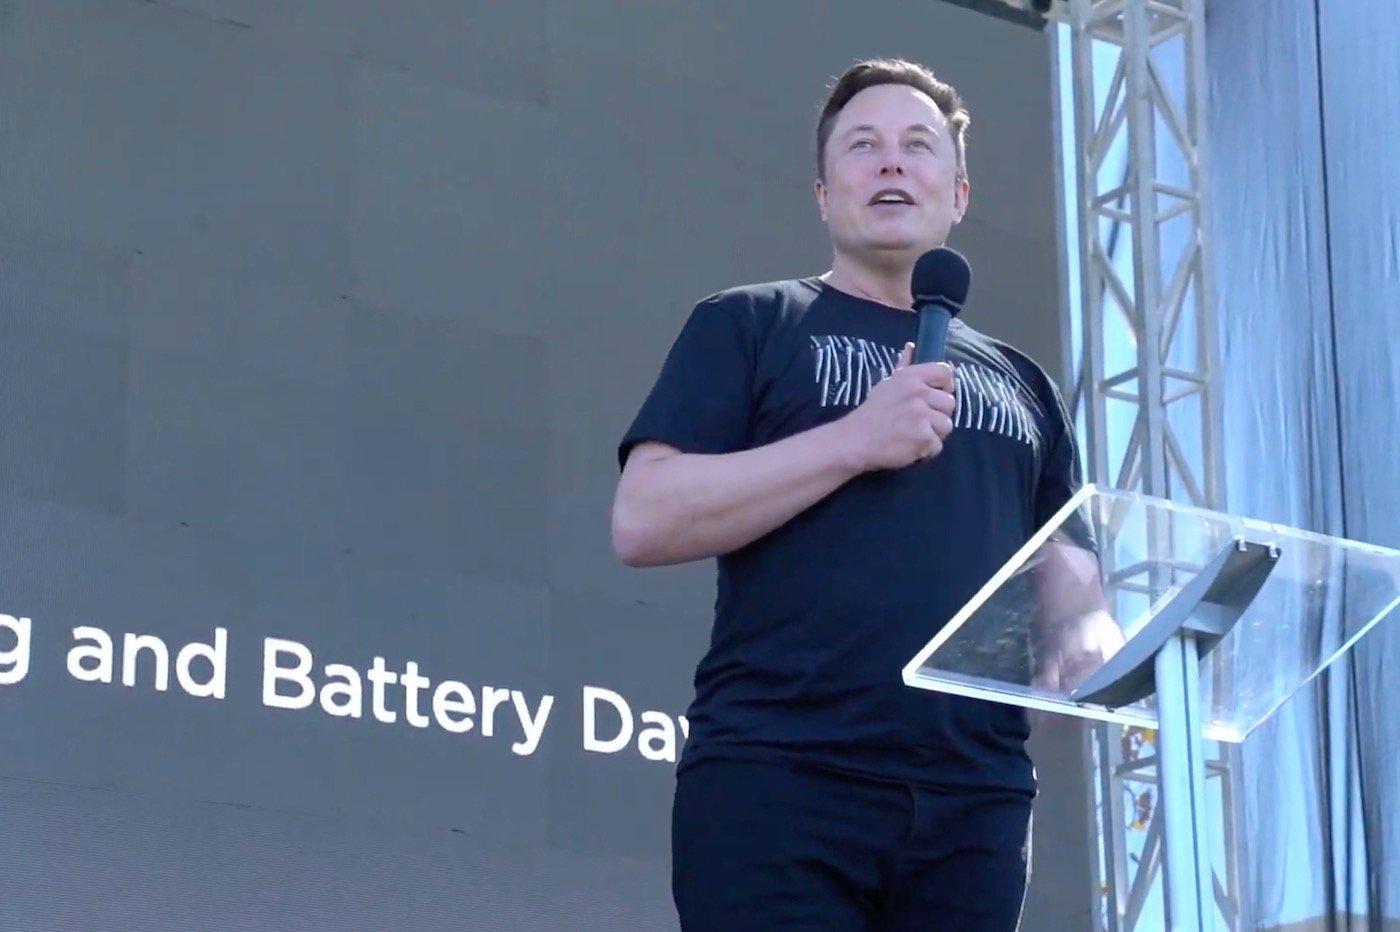 Elon Musk promet 100 millions de dollars à celui qui l'aidera à résoudre ce problème